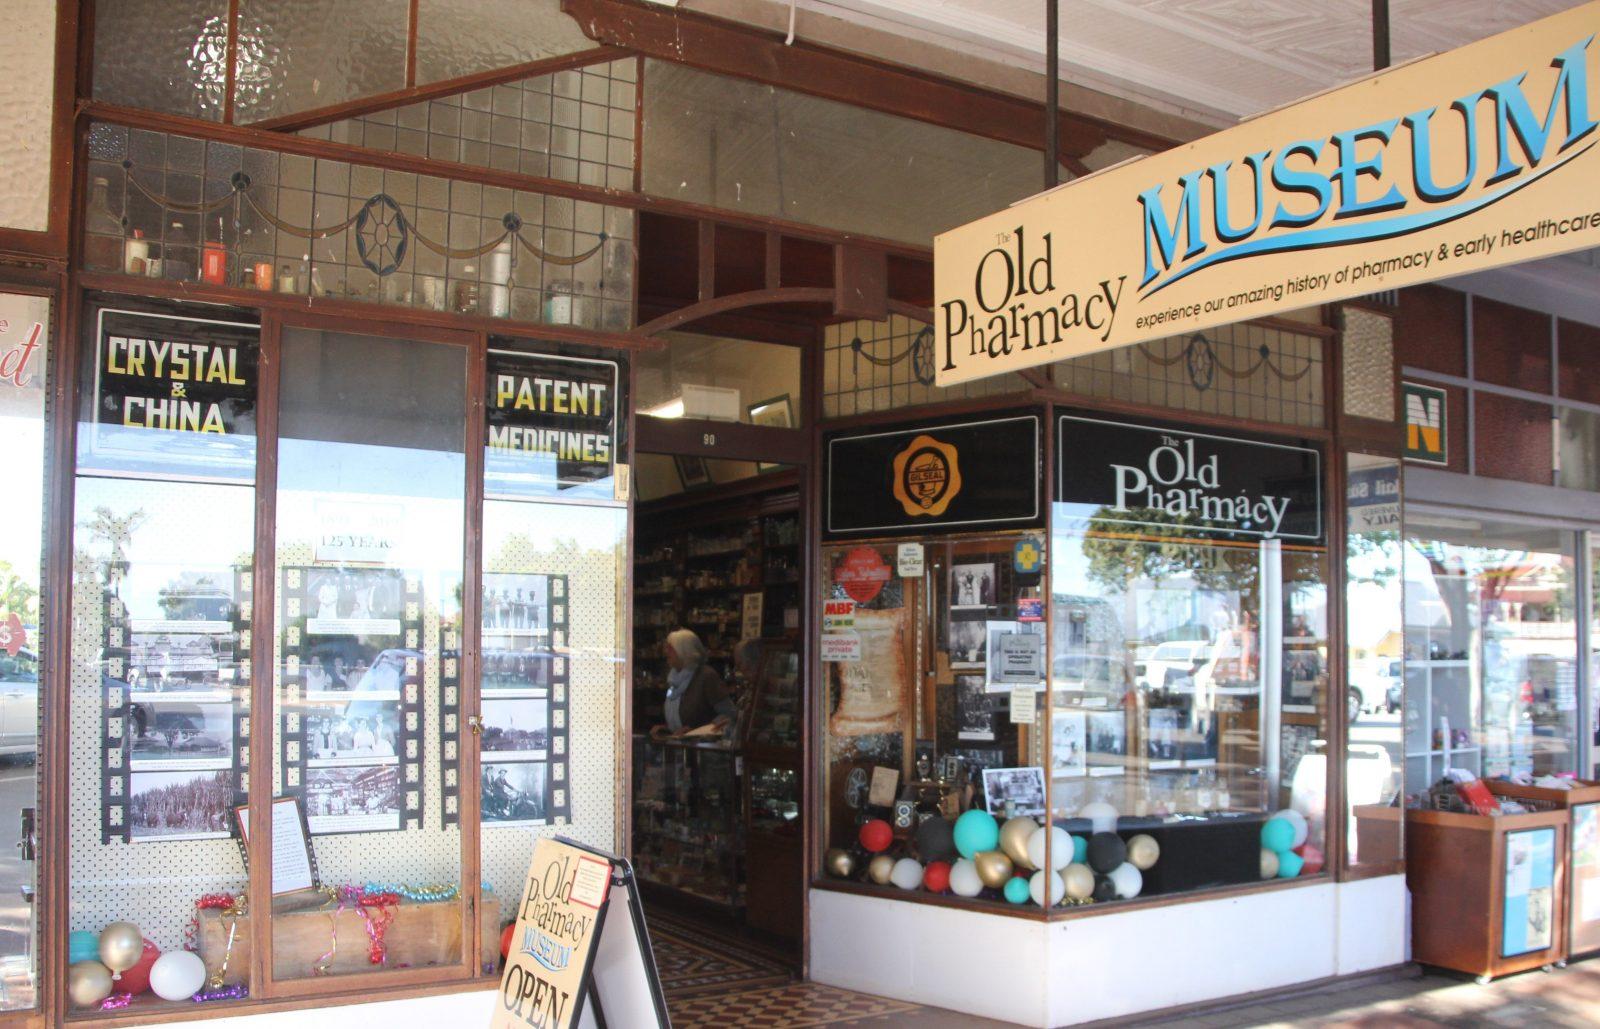 Old Pharmacy Museum Shopfront